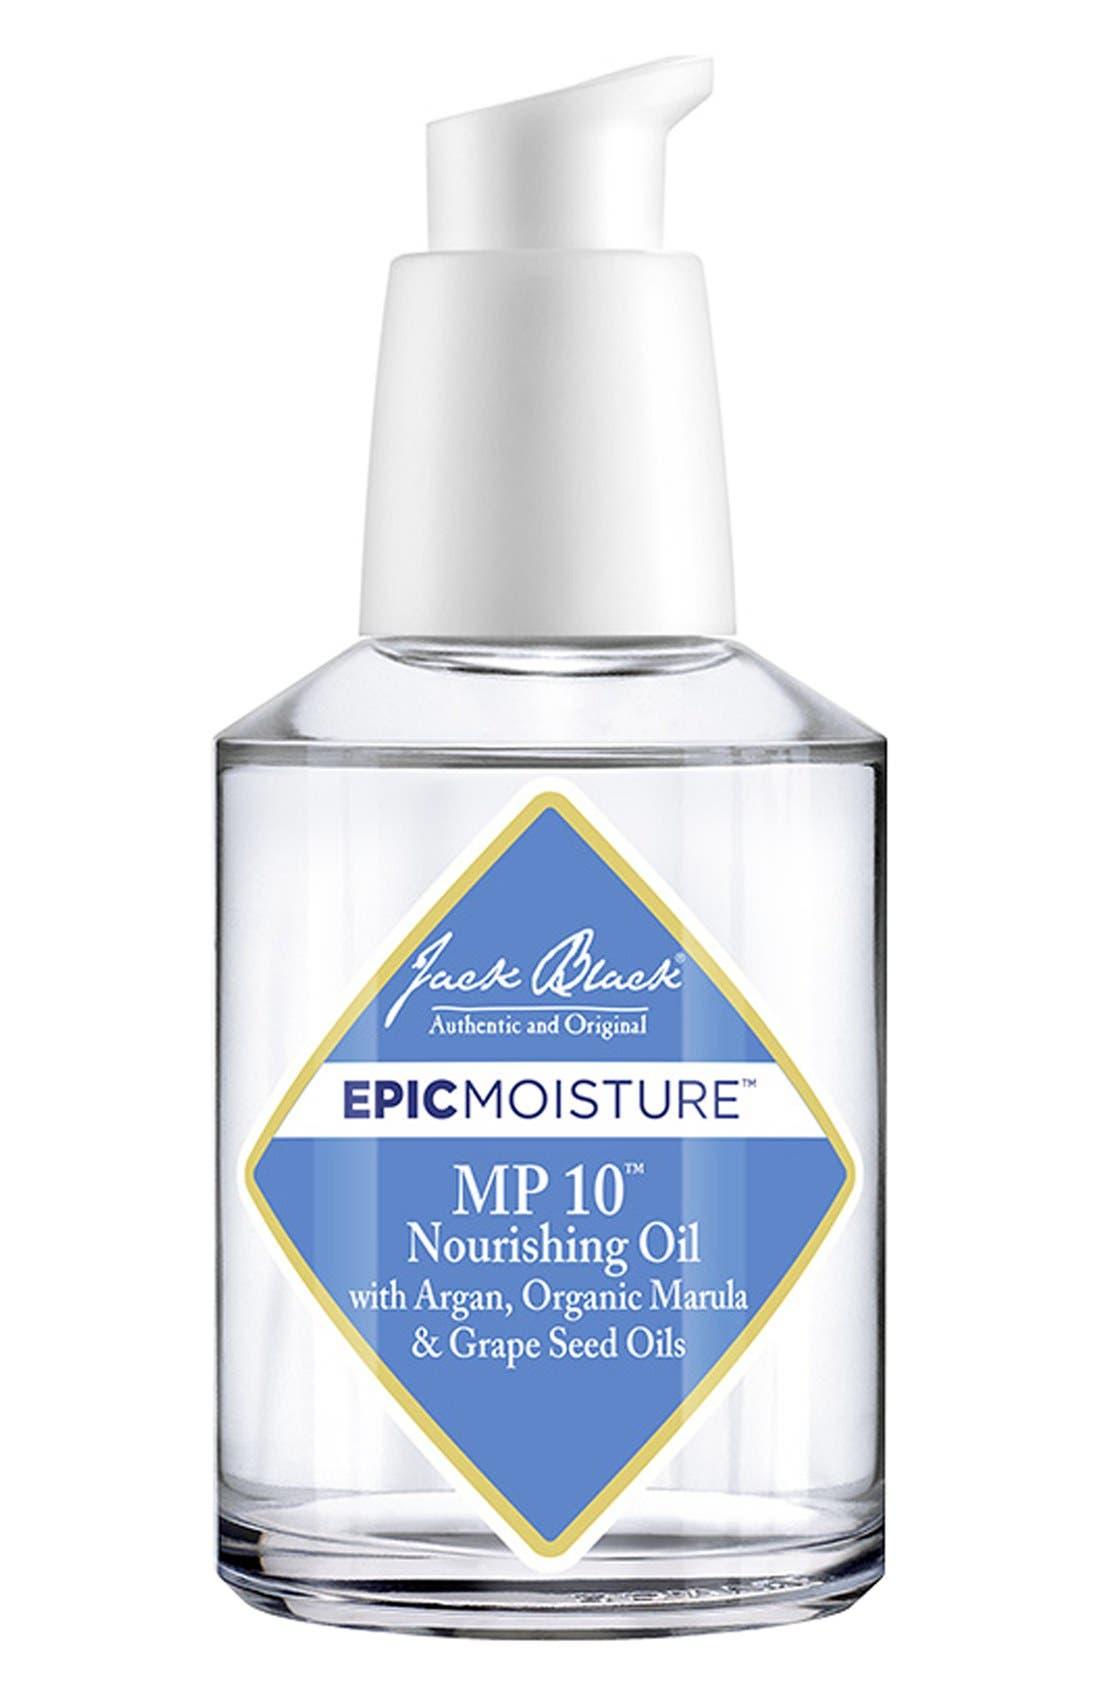 Jack Black 'Epic Moisture™' MP 10™ Nourishing Oil